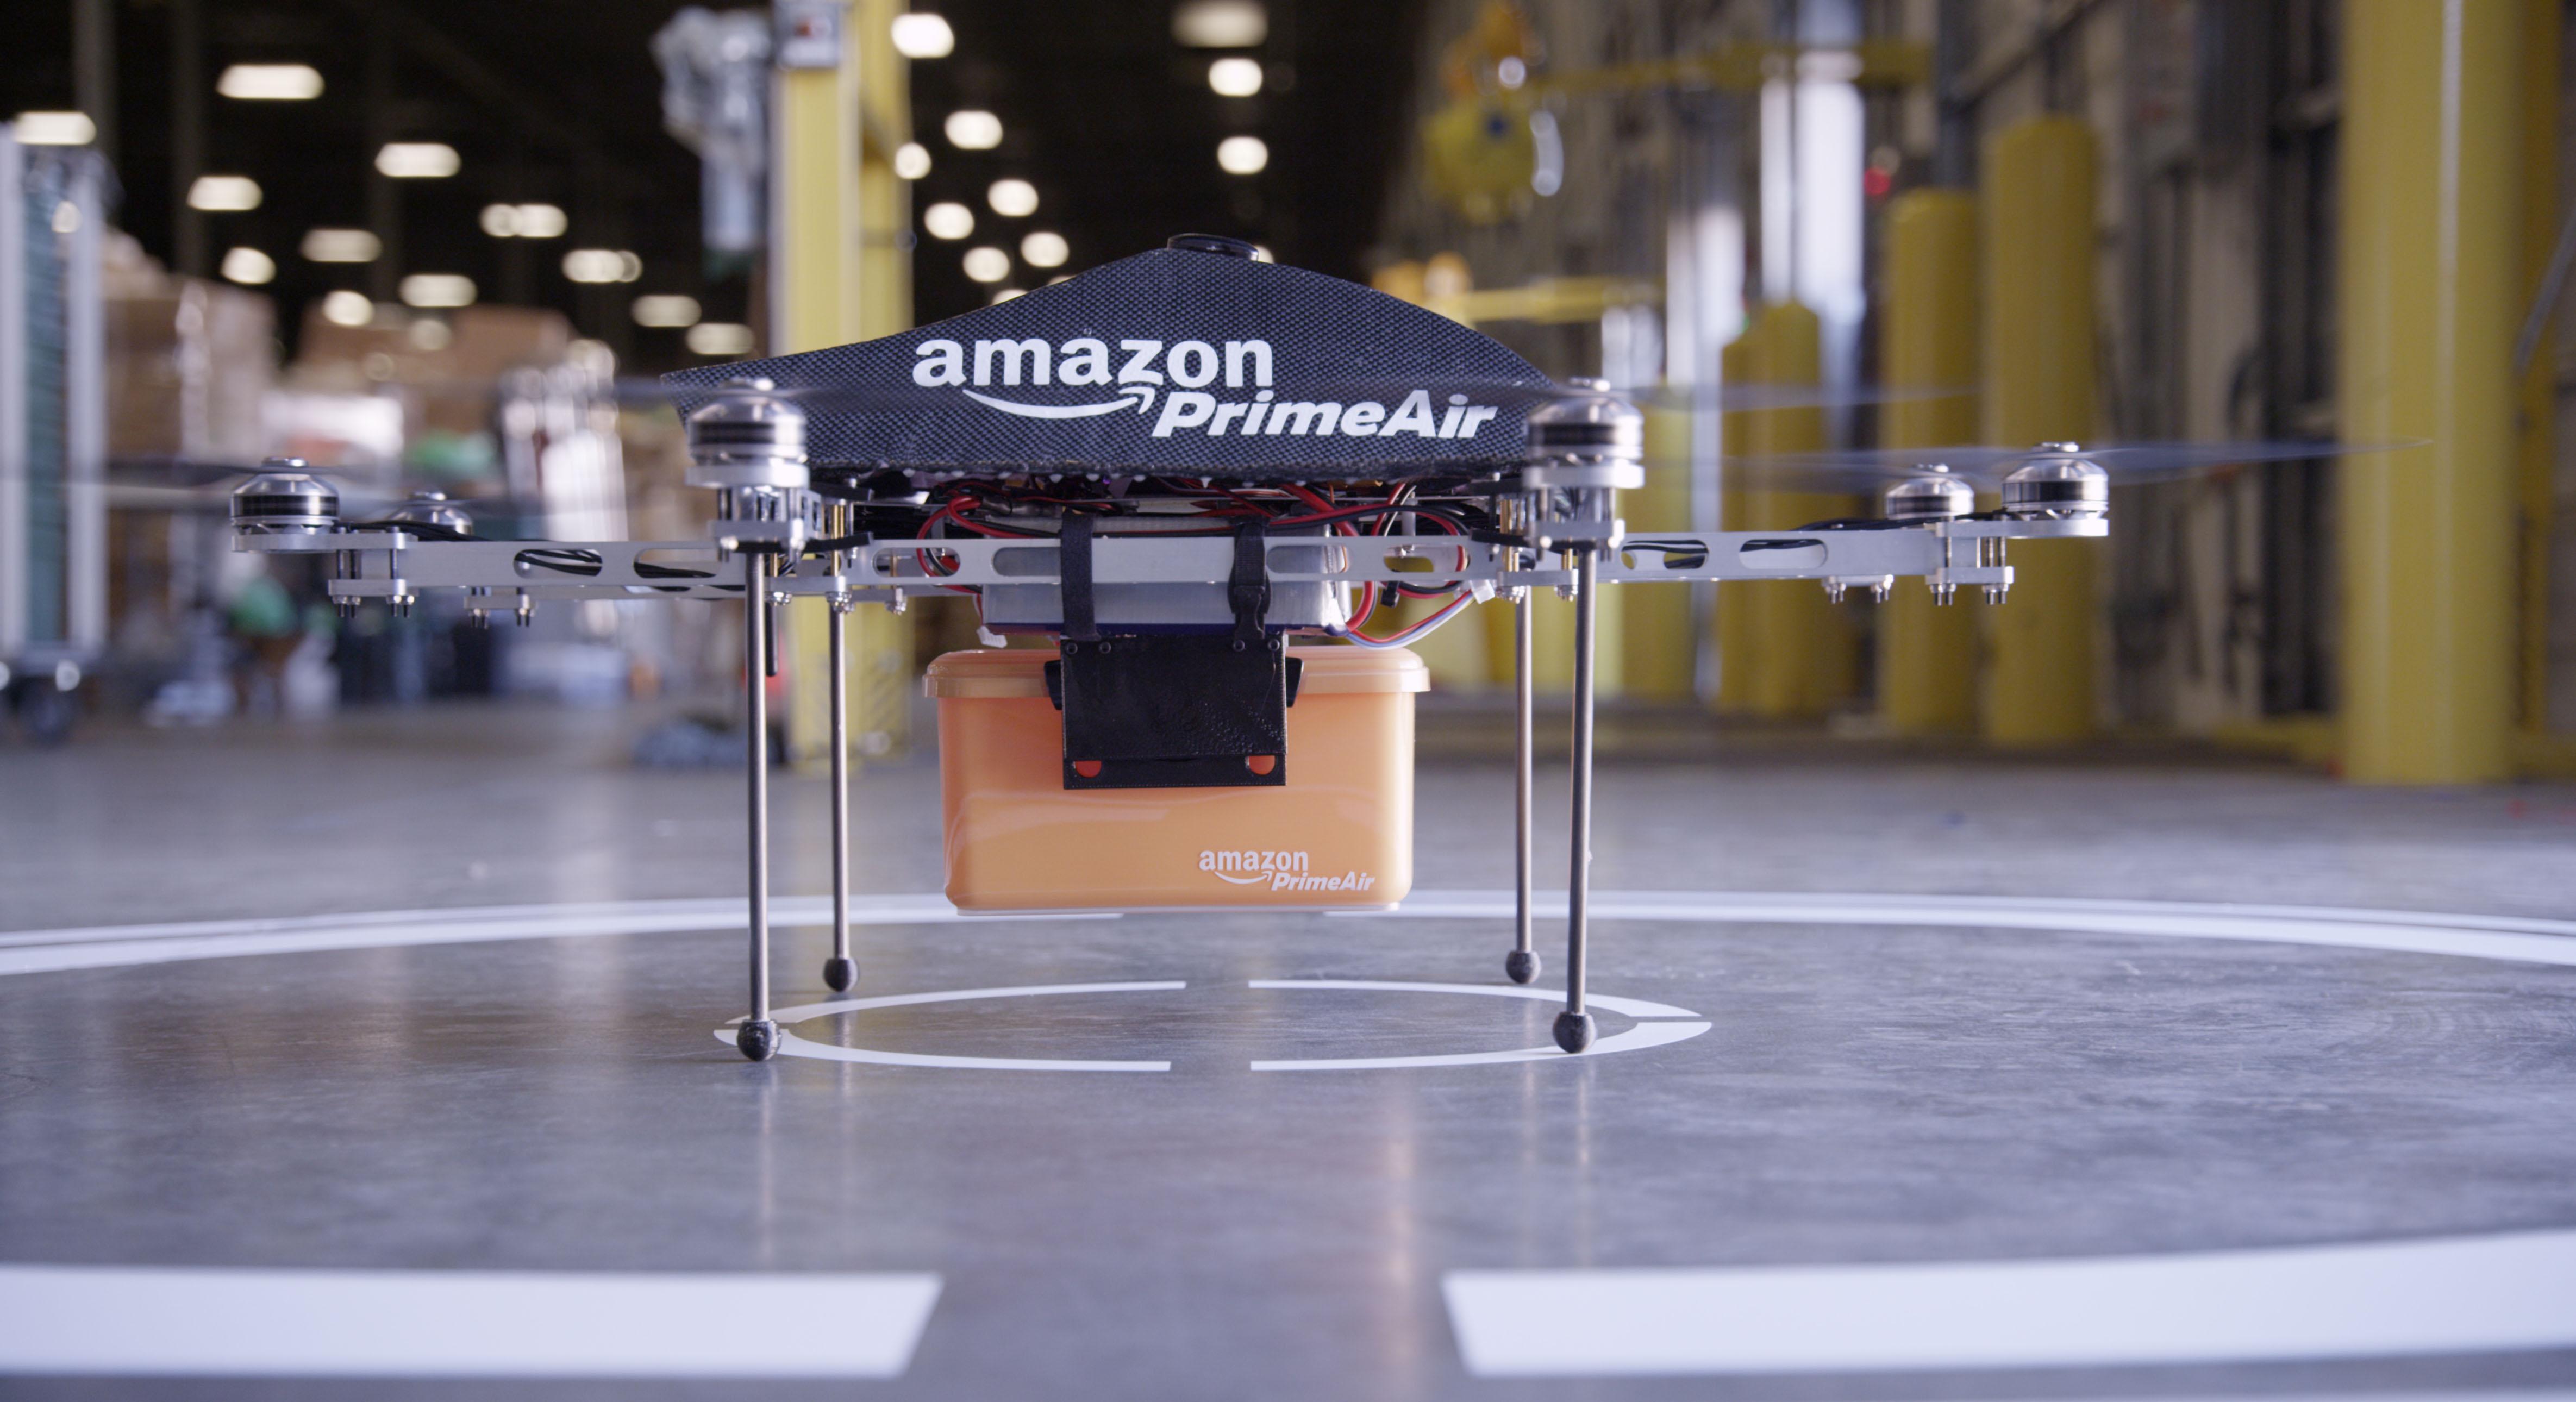 Amazon pronto per le consegne con drone